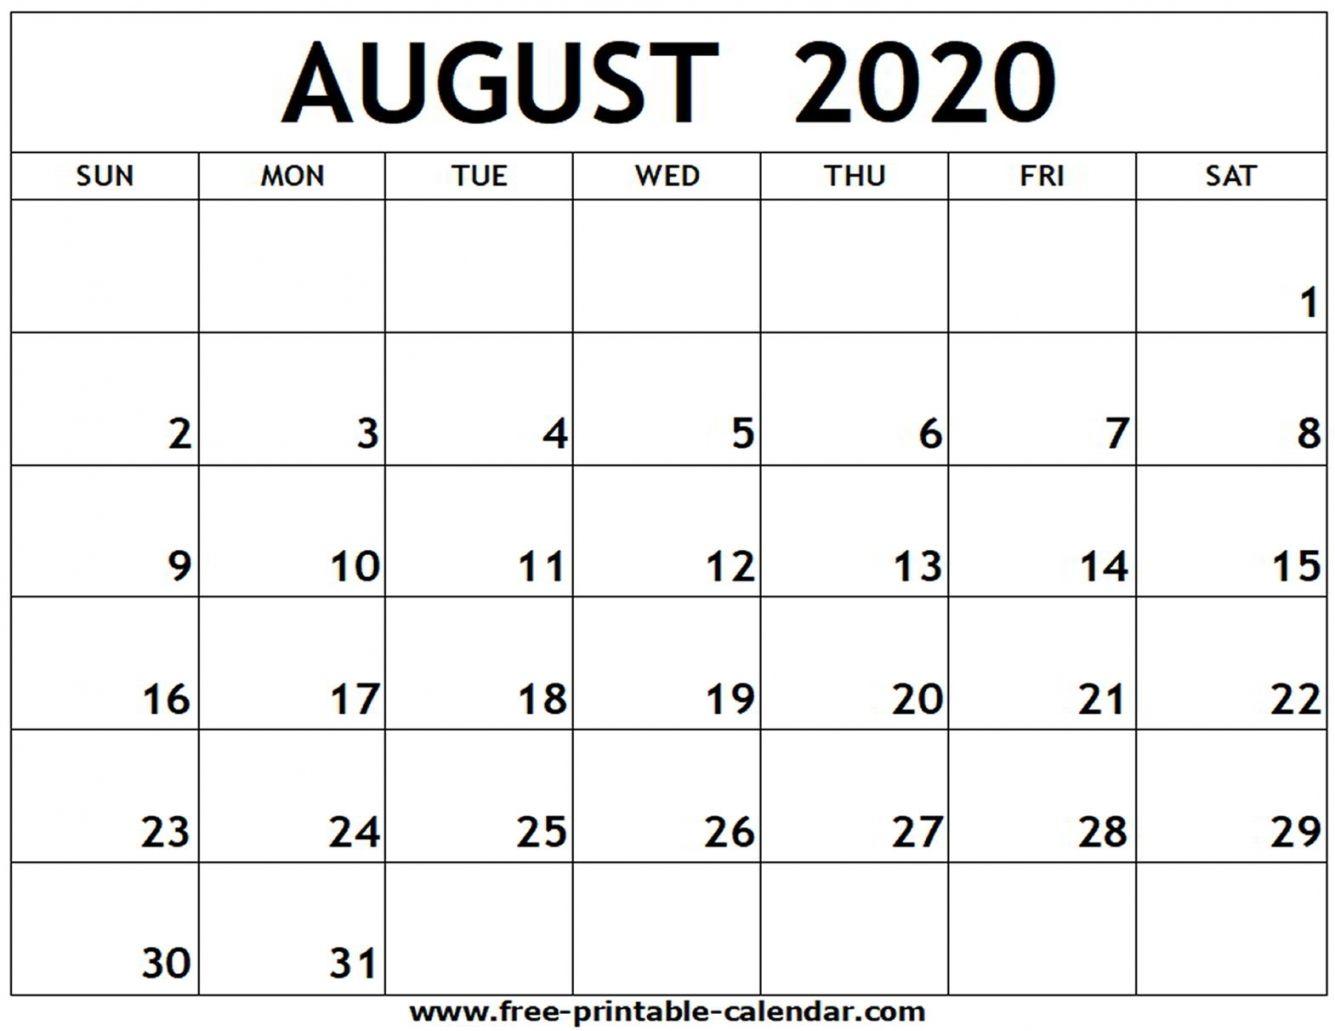 August 2020 Printable Calendar Dengan Gambar